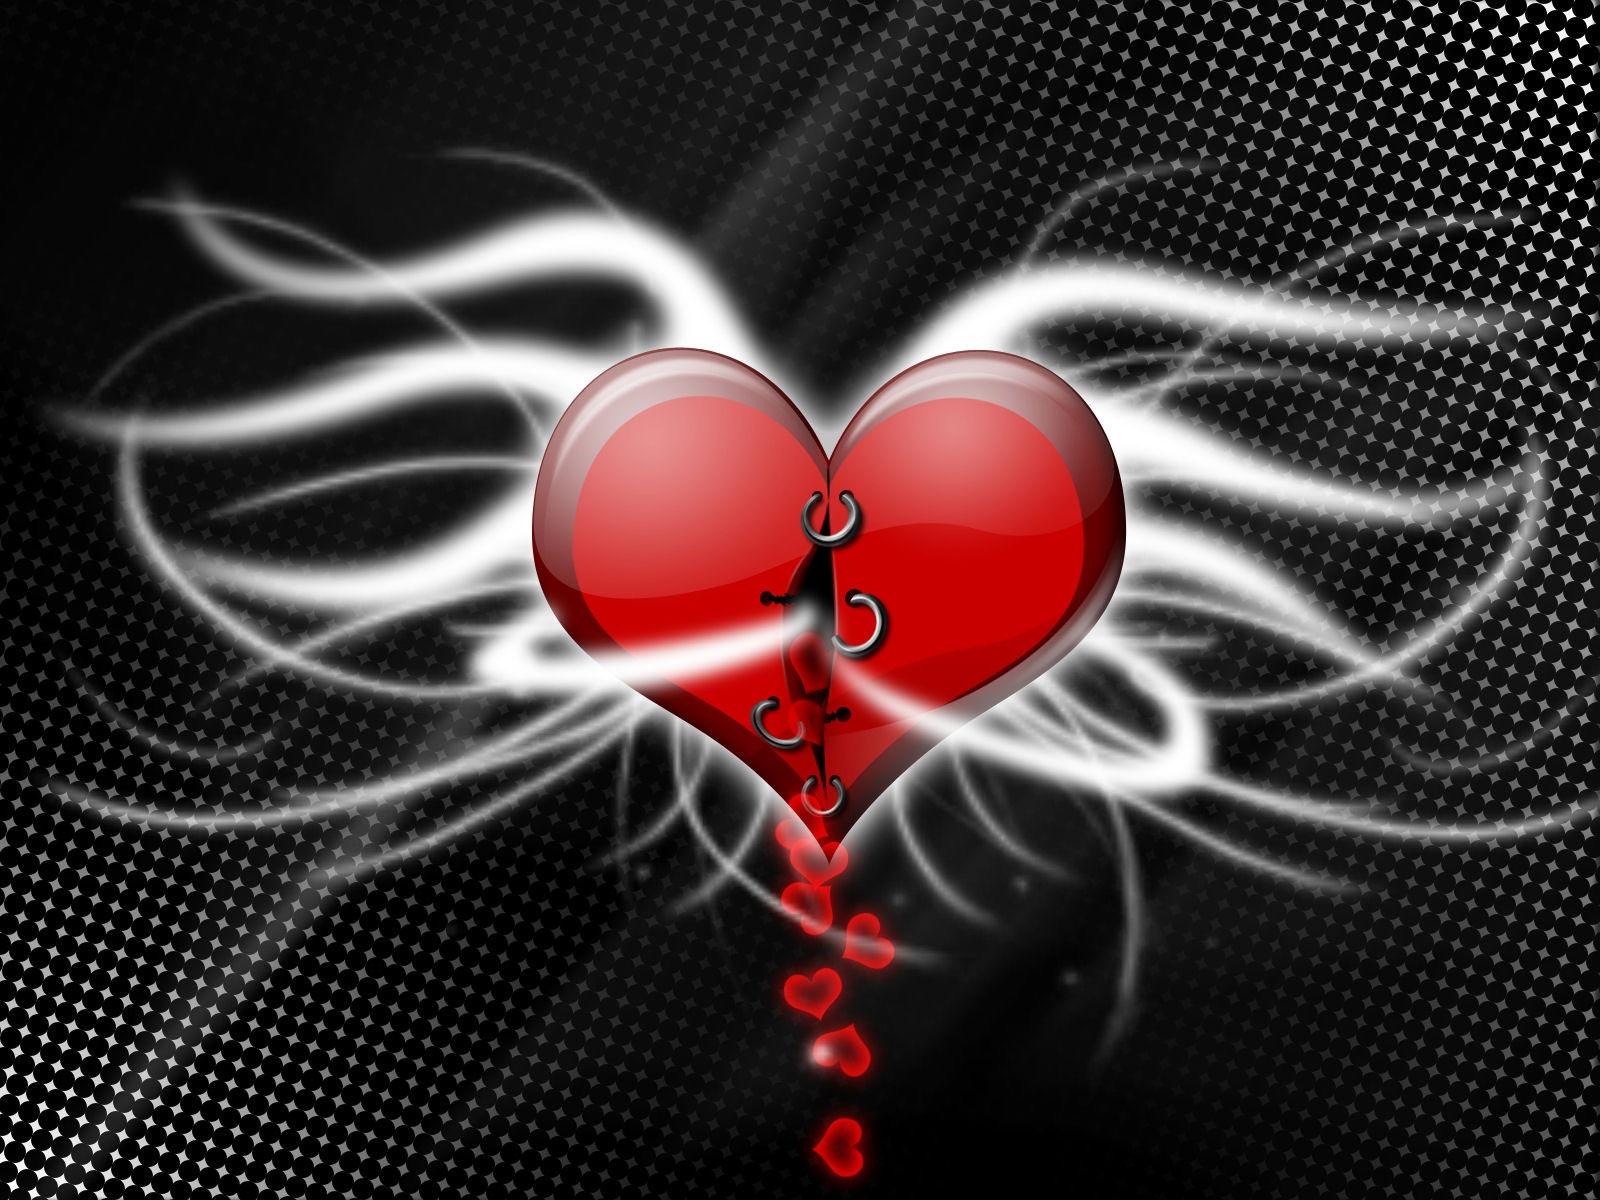 Kalpli duvar kağıtları-18